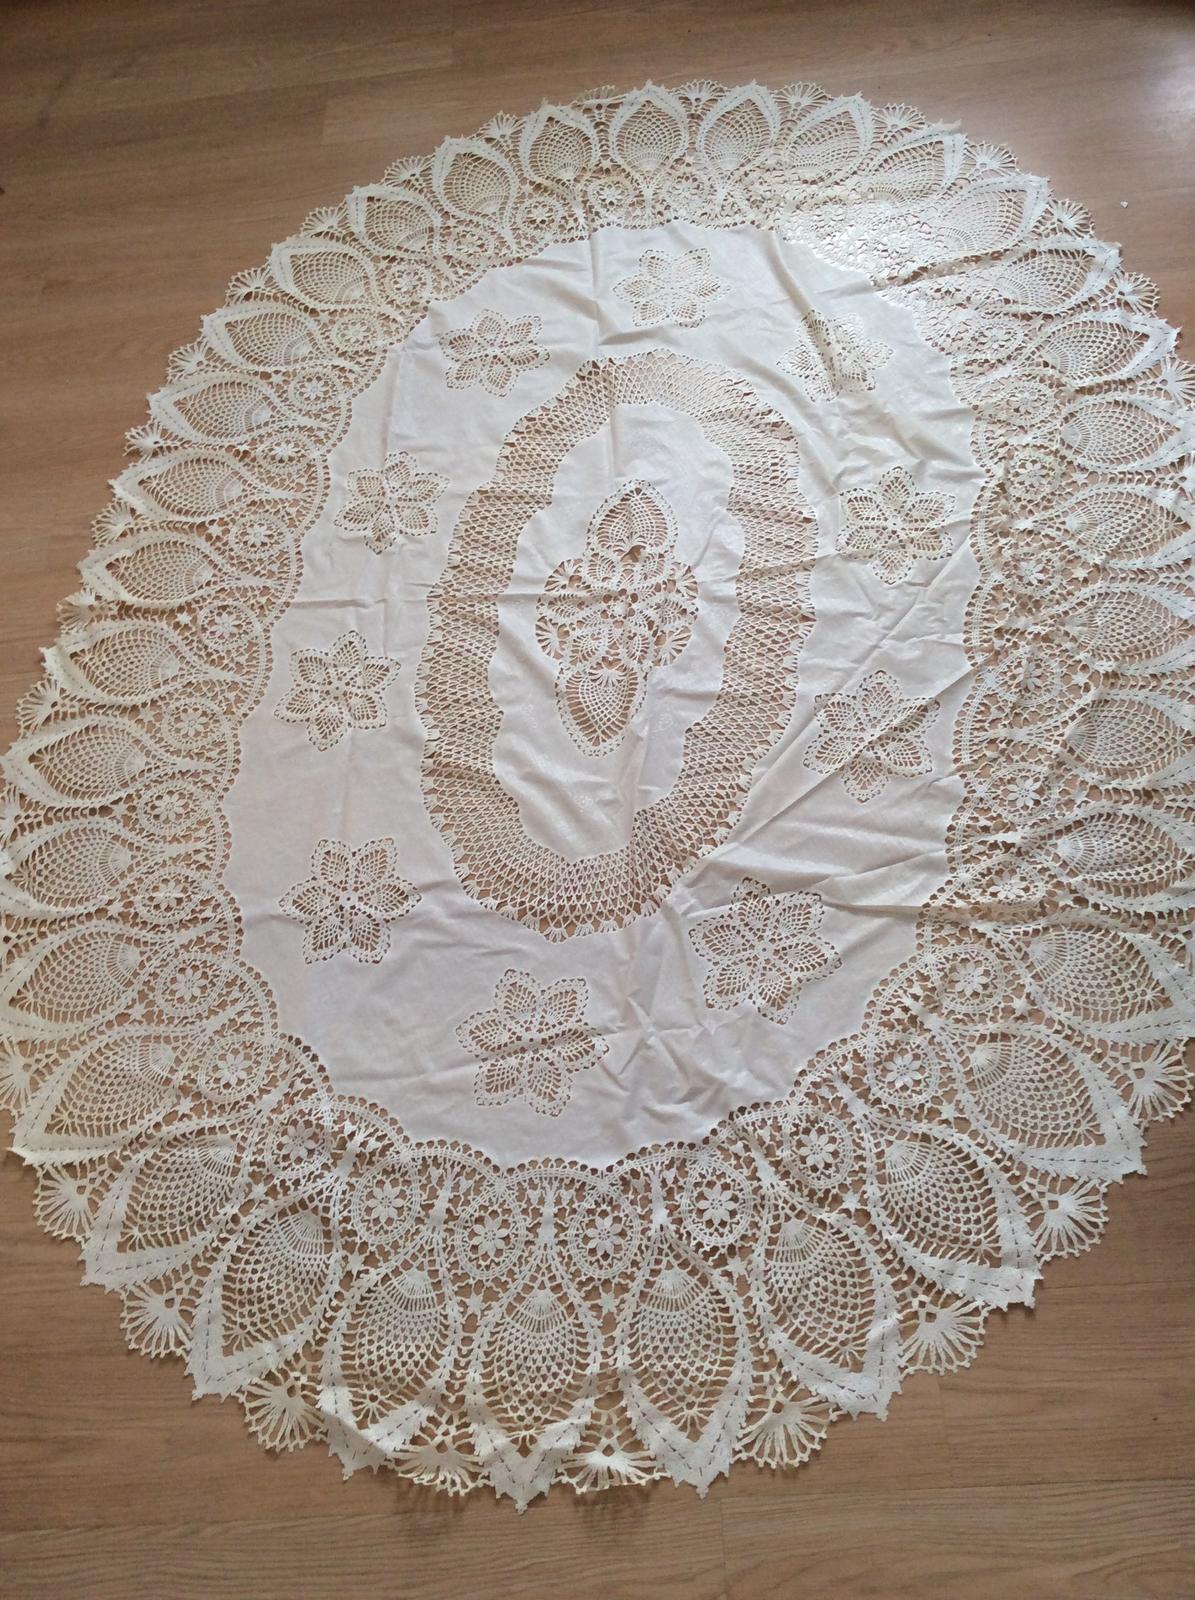 Vinylový krajkový ubrus 185 x 135 cm - Obrázek č. 1